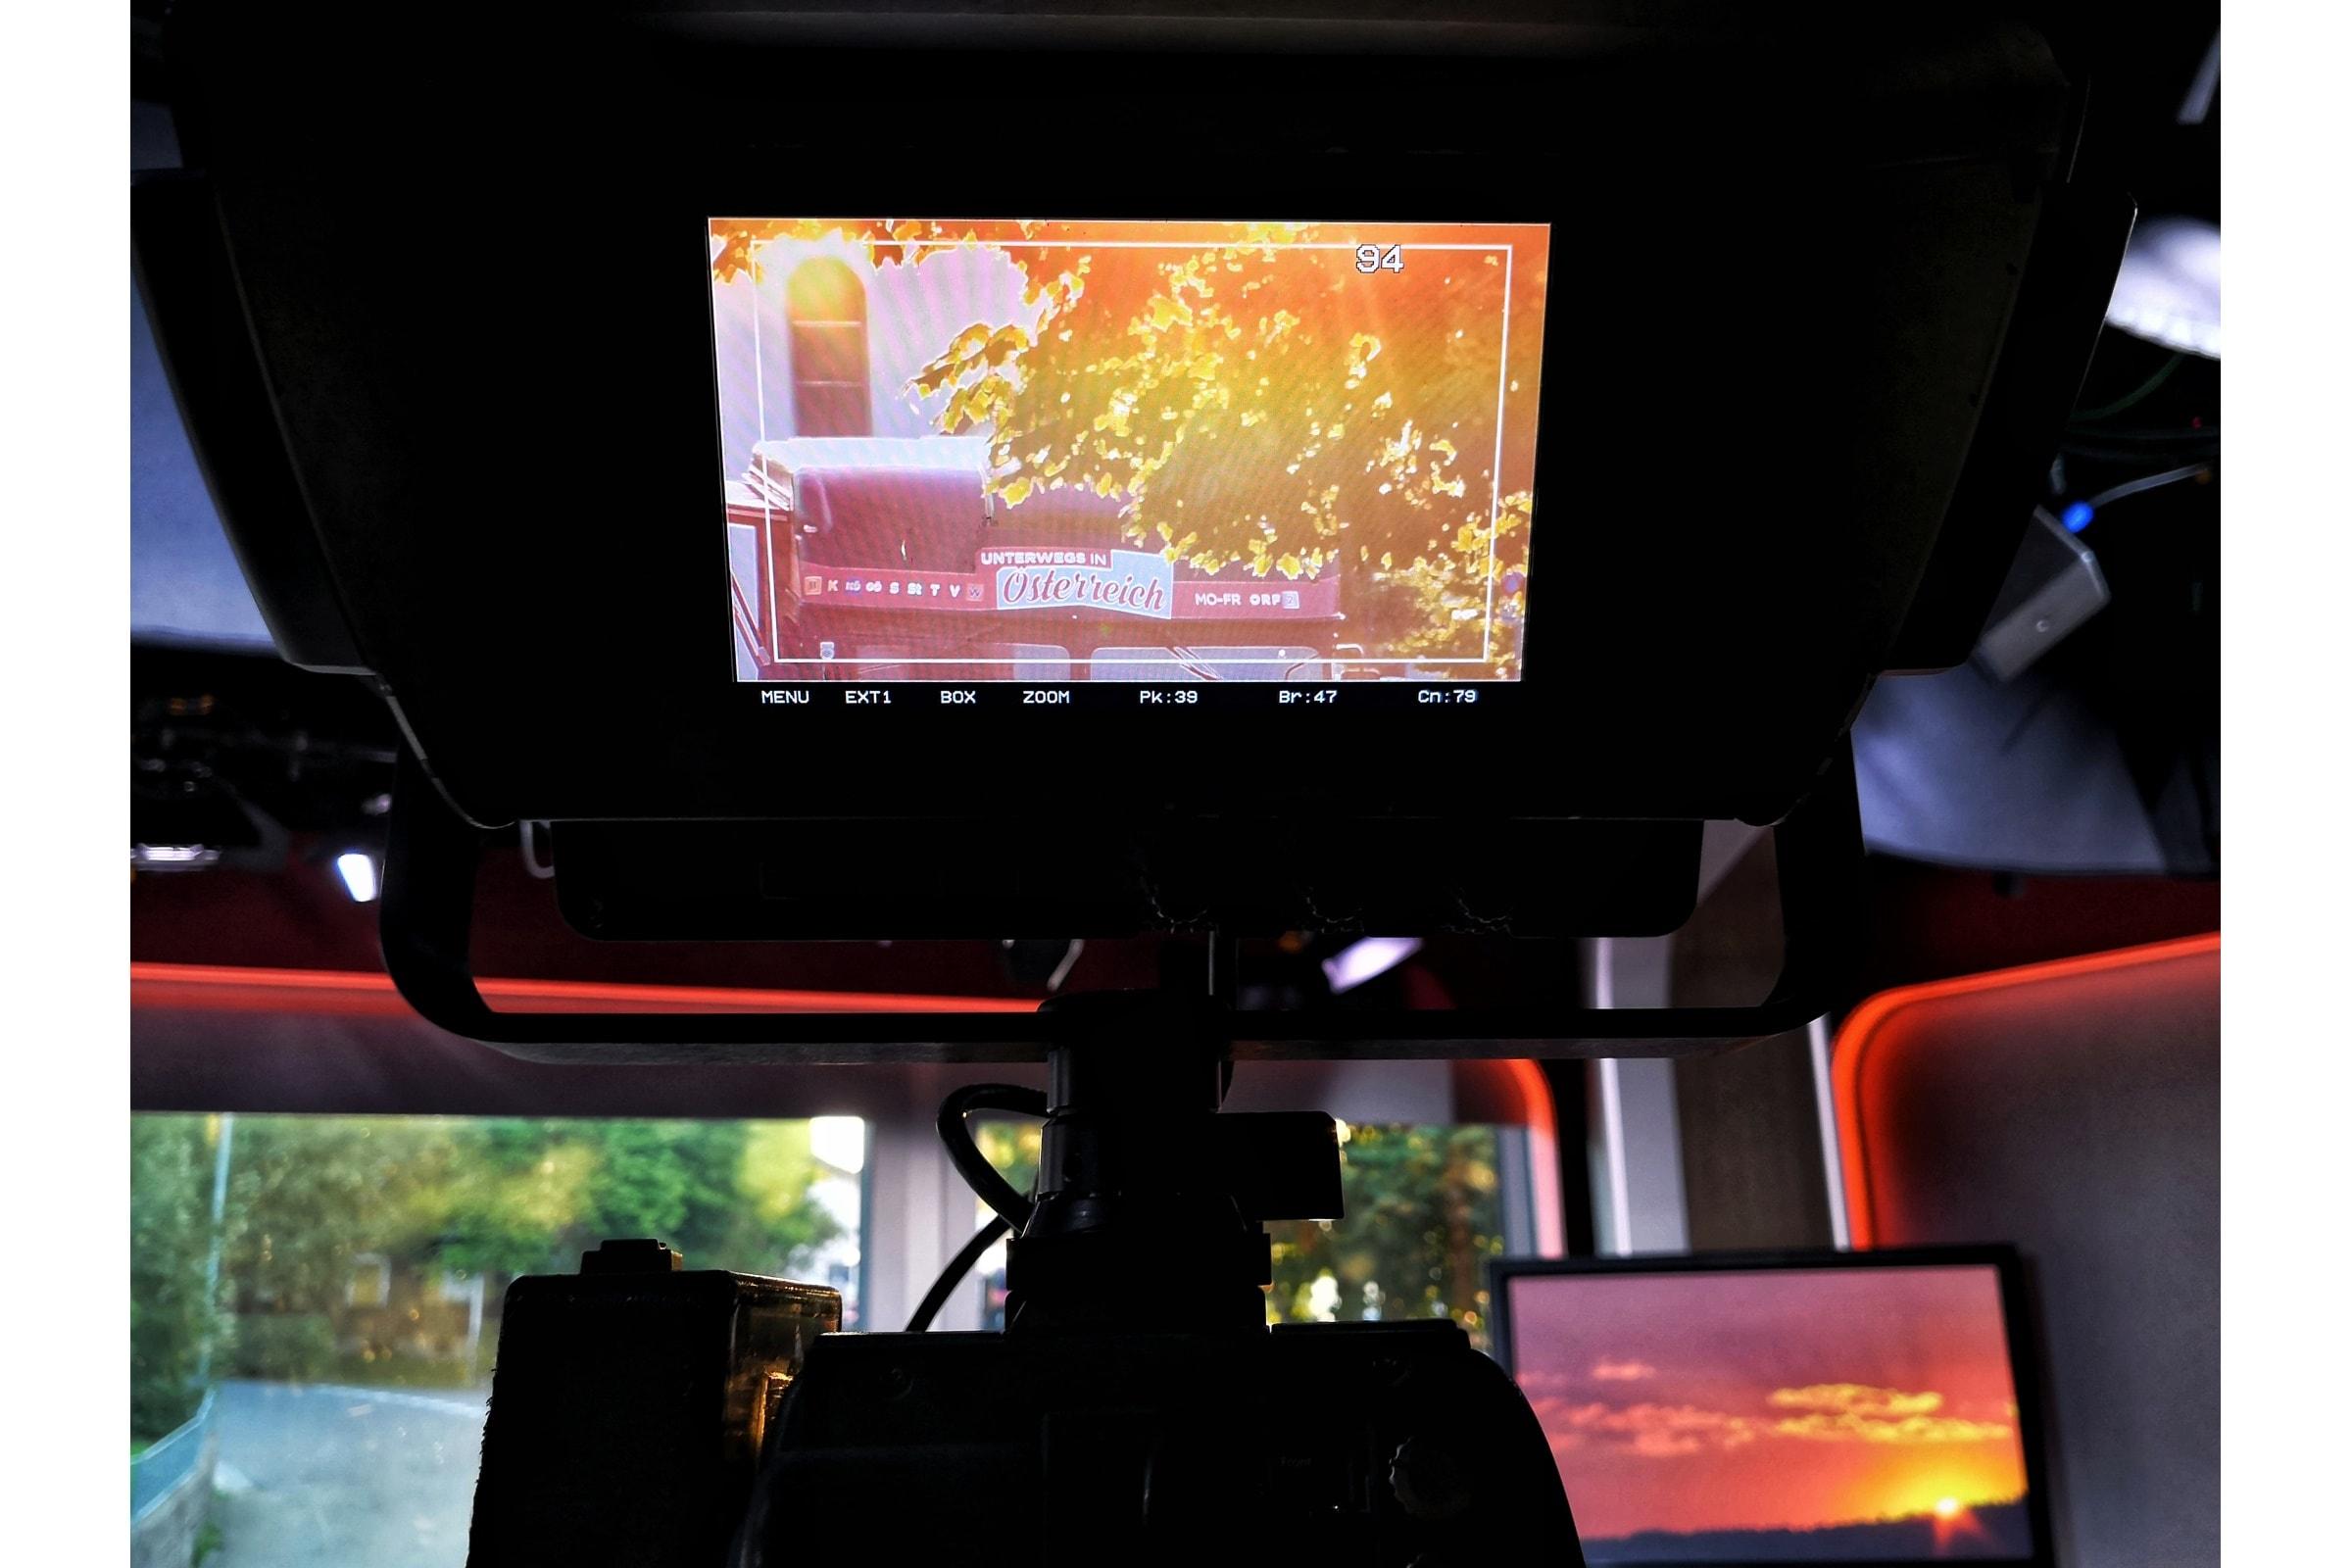 andreas felder kameramann unterwegs in österreich tirol 25 26.07.2018 06 27 58 - ORF Daheim in Österreich